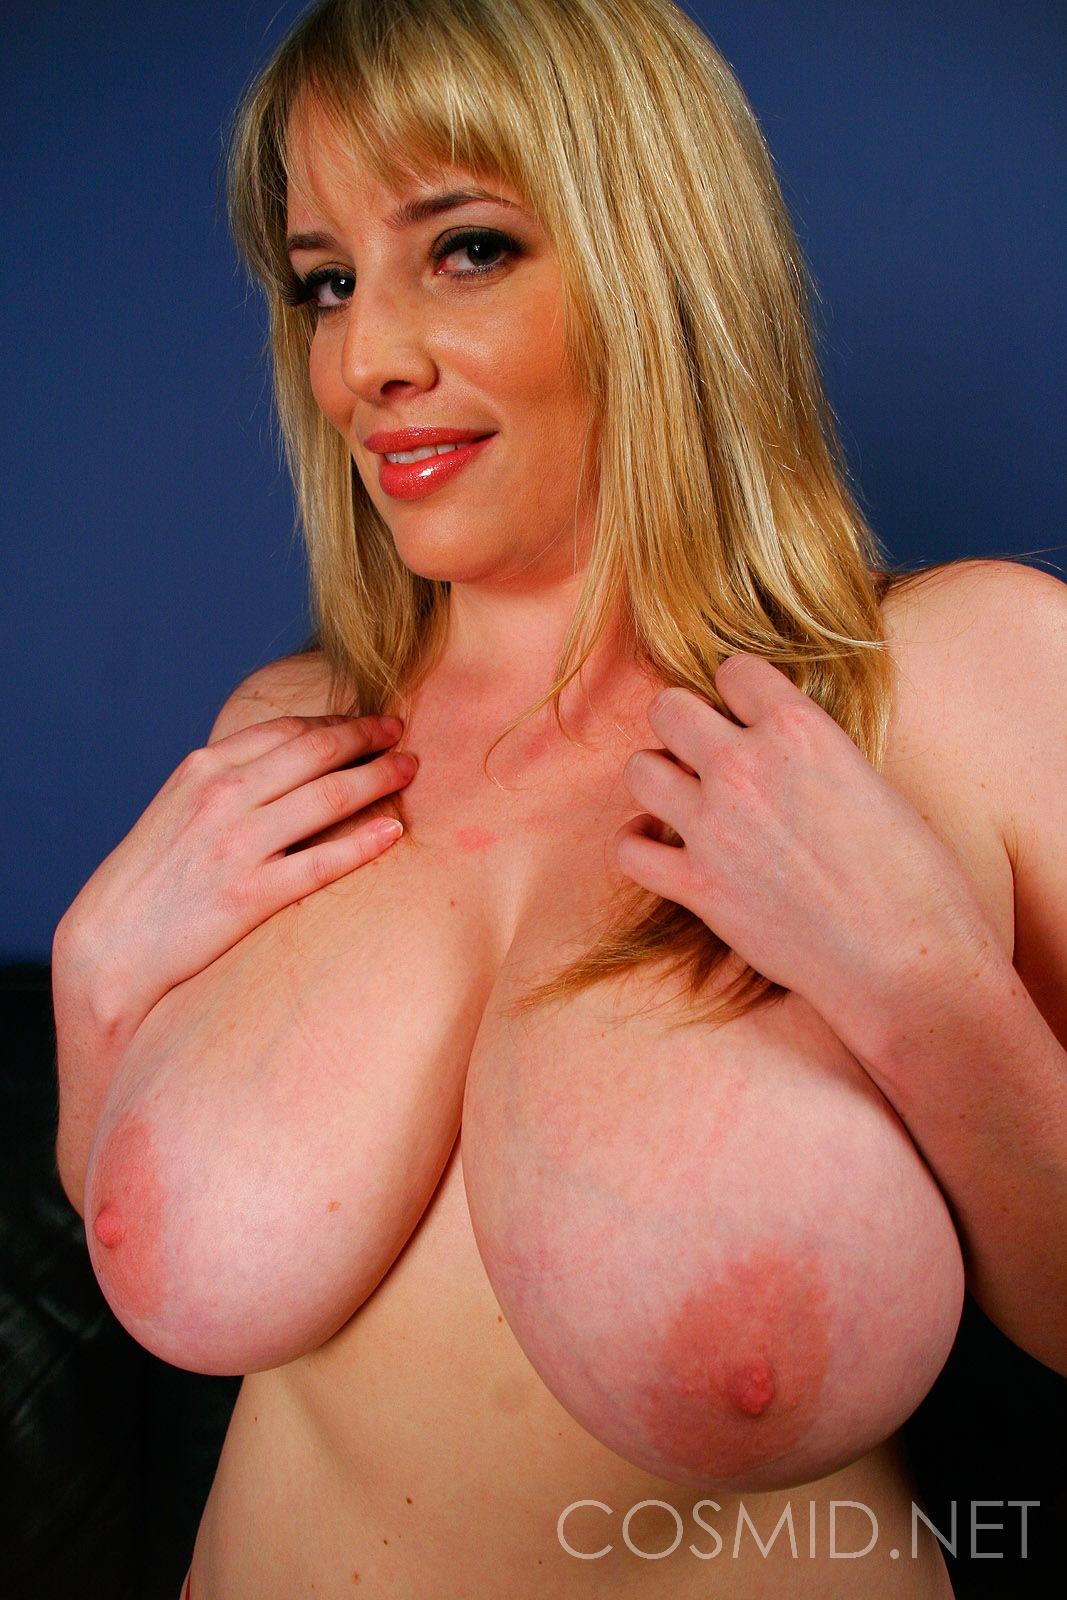 Site babes blog pornlivenews com big tits know